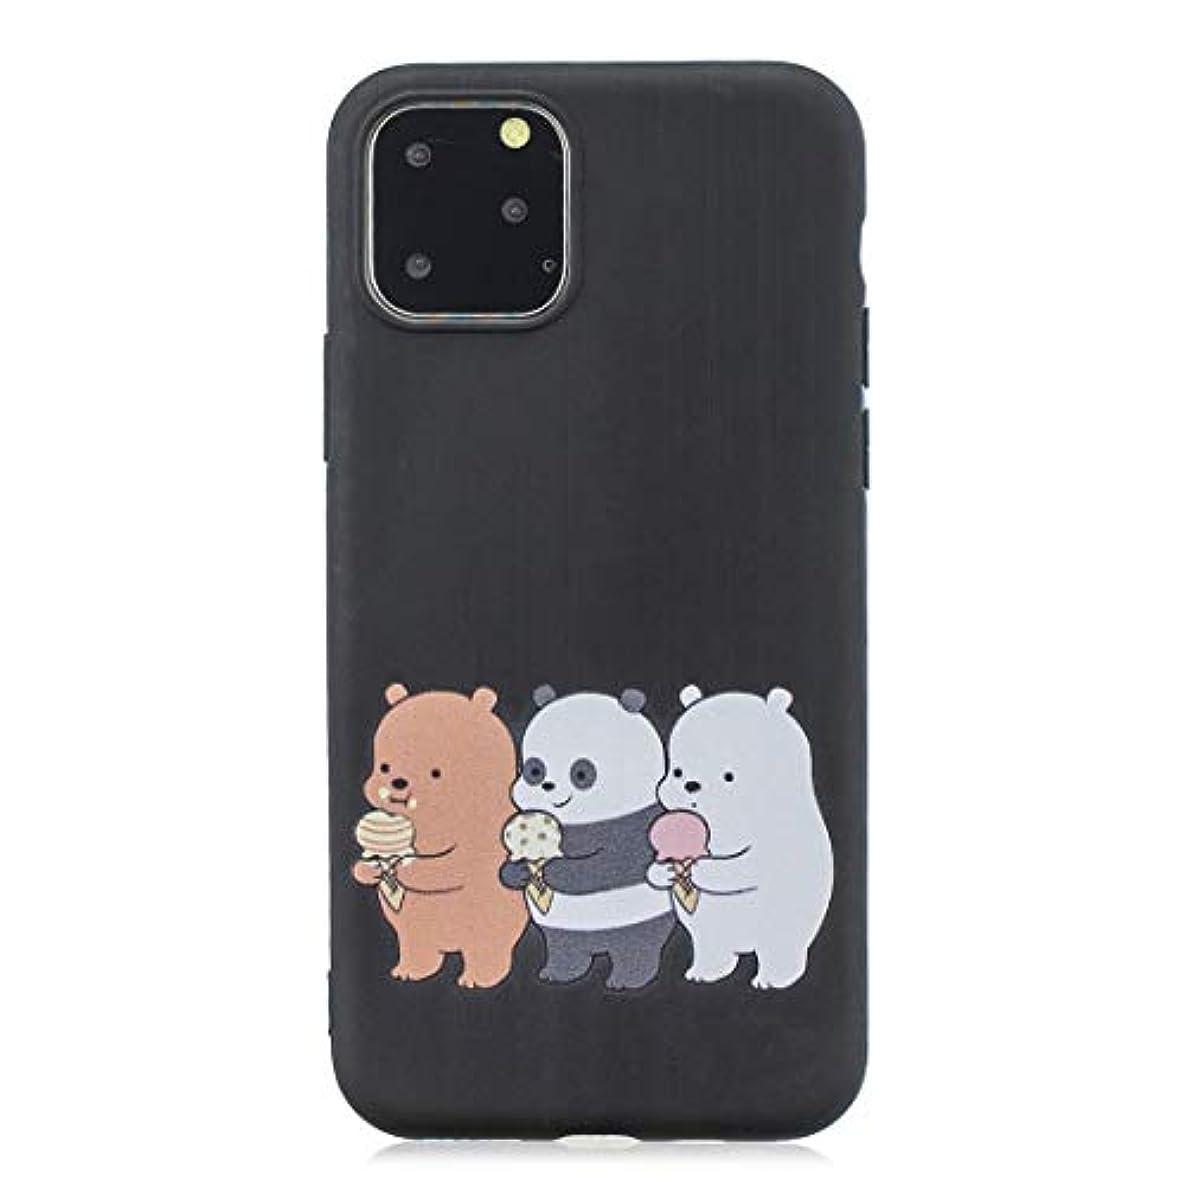 疑い者ポット抜粋QIANMEIJIA IPhone XI 2019愛らし友人ソフトのためにつや消しパターンTPU保護ケース 電話ケース (パターン : Three little bears)